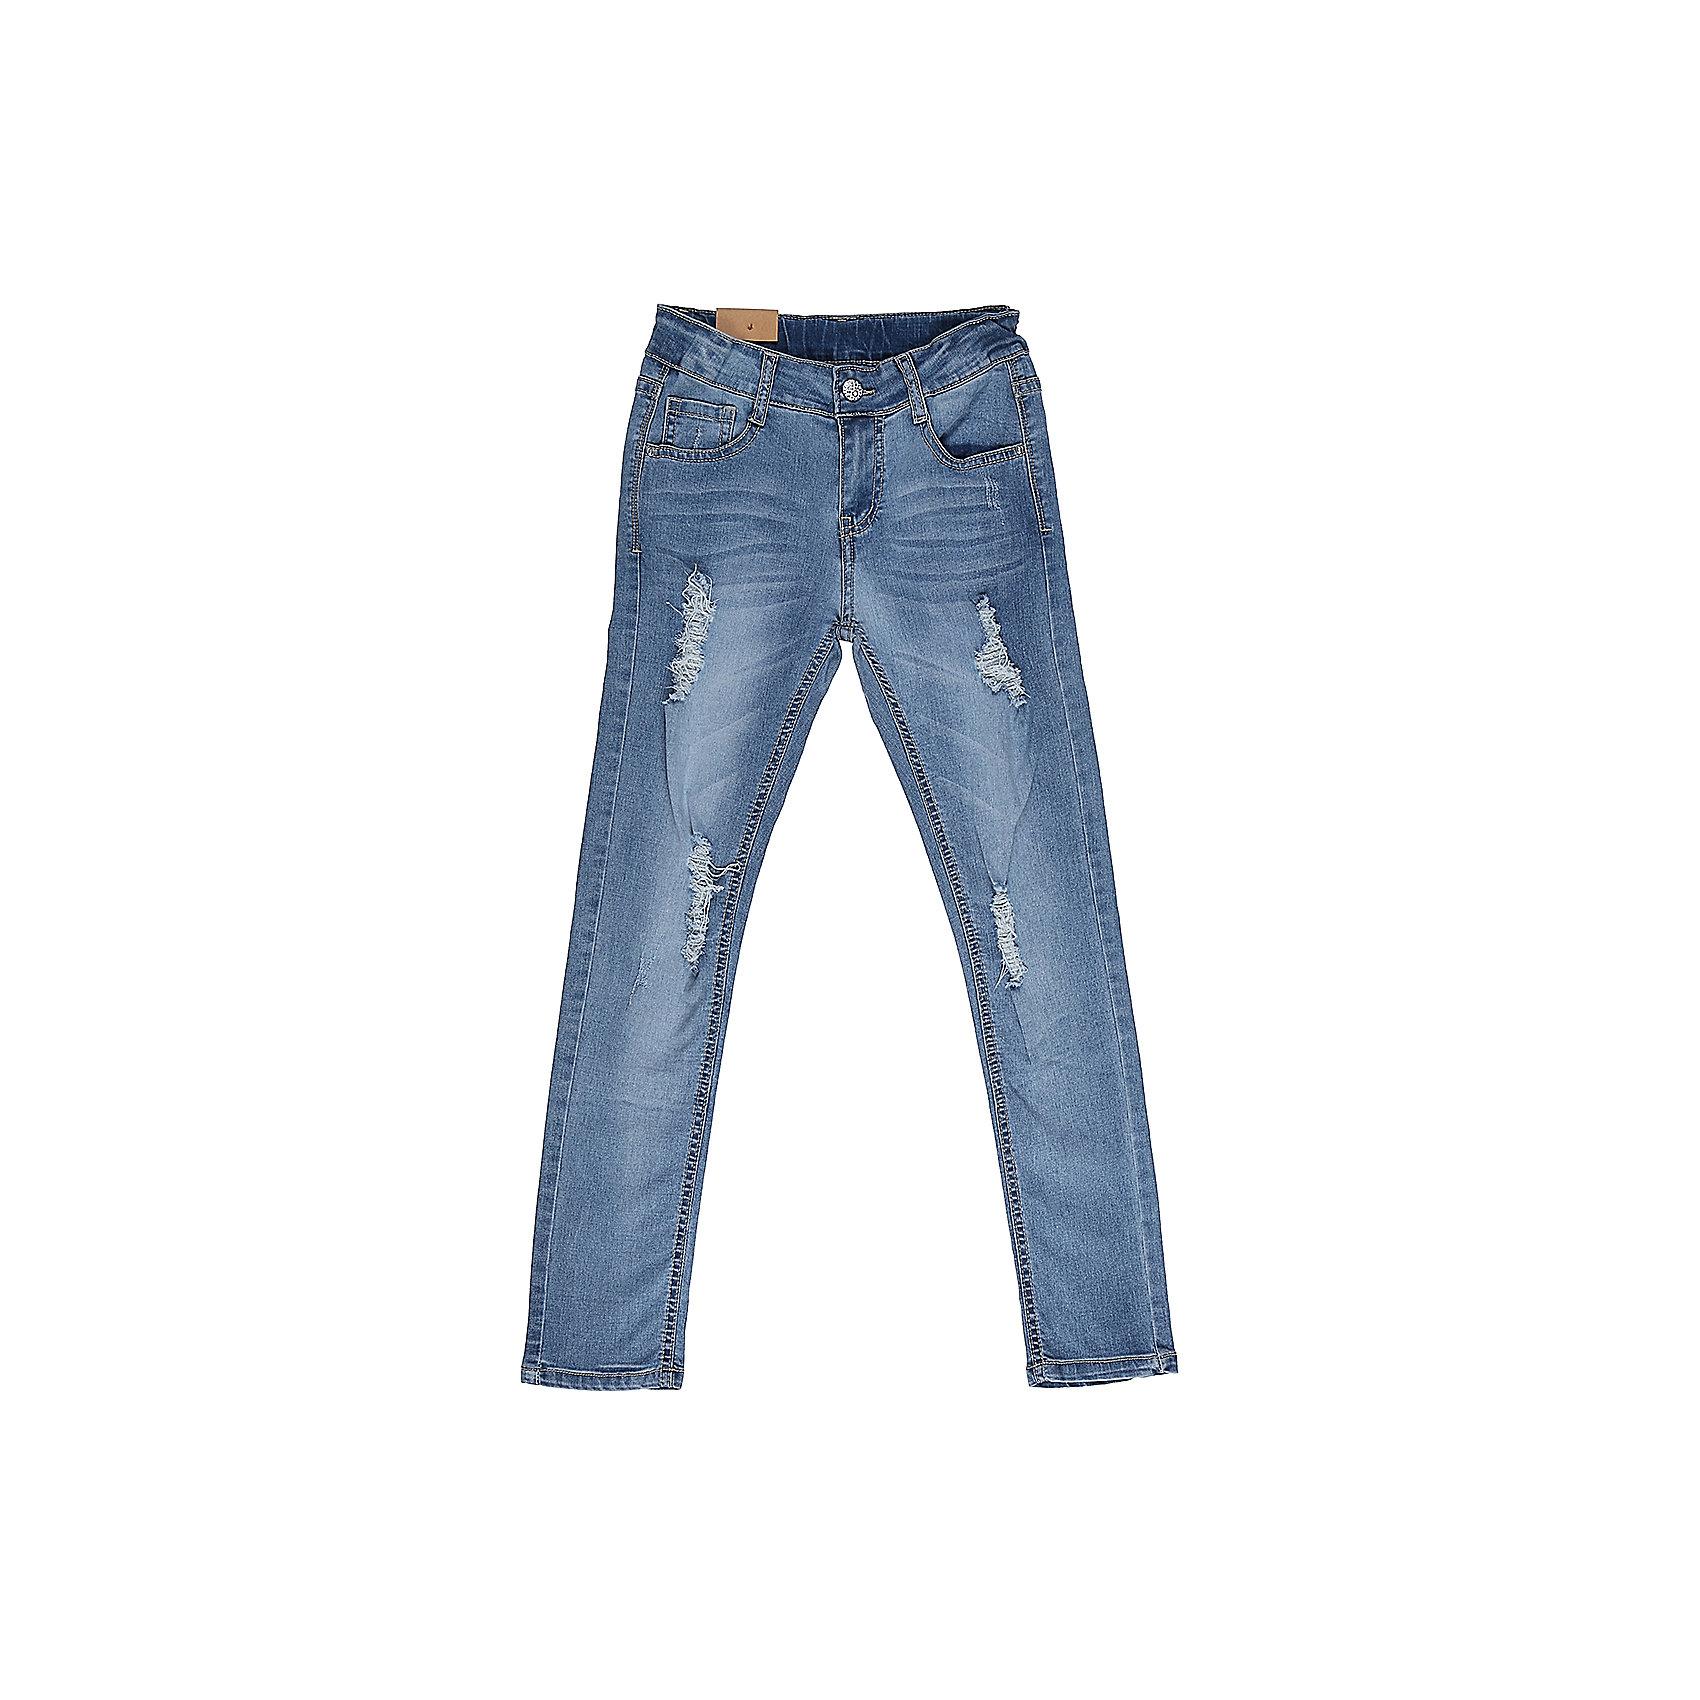 Джинсы для девочки LuminosoДжинсы<br>Джинсы  для девочки с оригинальной варкой, эффектами потертости и рваной джинсы. Имеют зауженный крой, среднюю посадку. Застегиваются на молнию и пуговицу. Шлевки на поясе рассчитаны под ремень. В боковой части пояса находятся вшитые эластичные ленты, регулирующие посадку по талии.<br>Состав:<br>98%хлопок 2%эластан<br><br>Ширина мм: 215<br>Глубина мм: 88<br>Высота мм: 191<br>Вес г: 336<br>Цвет: голубой<br>Возраст от месяцев: 96<br>Возраст до месяцев: 108<br>Пол: Женский<br>Возраст: Детский<br>Размер: 134,140,146,152,158,164<br>SKU: 5413014